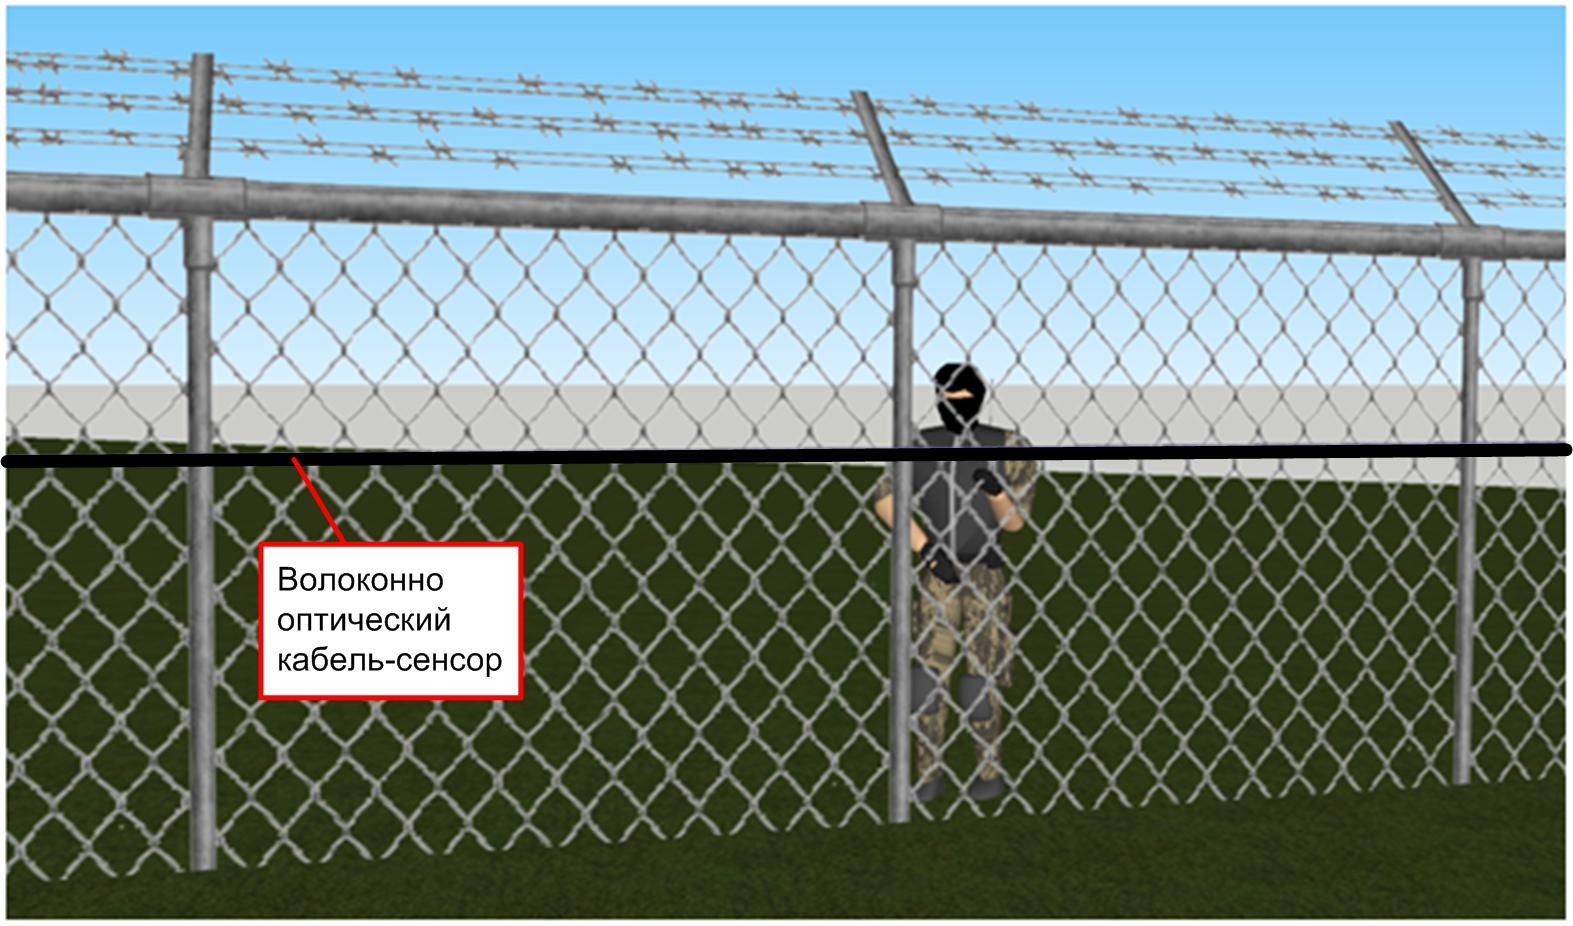 Закрепление волоконно оптических сенсоров системы охраны периметров СВМ-1 на легких ограждениях